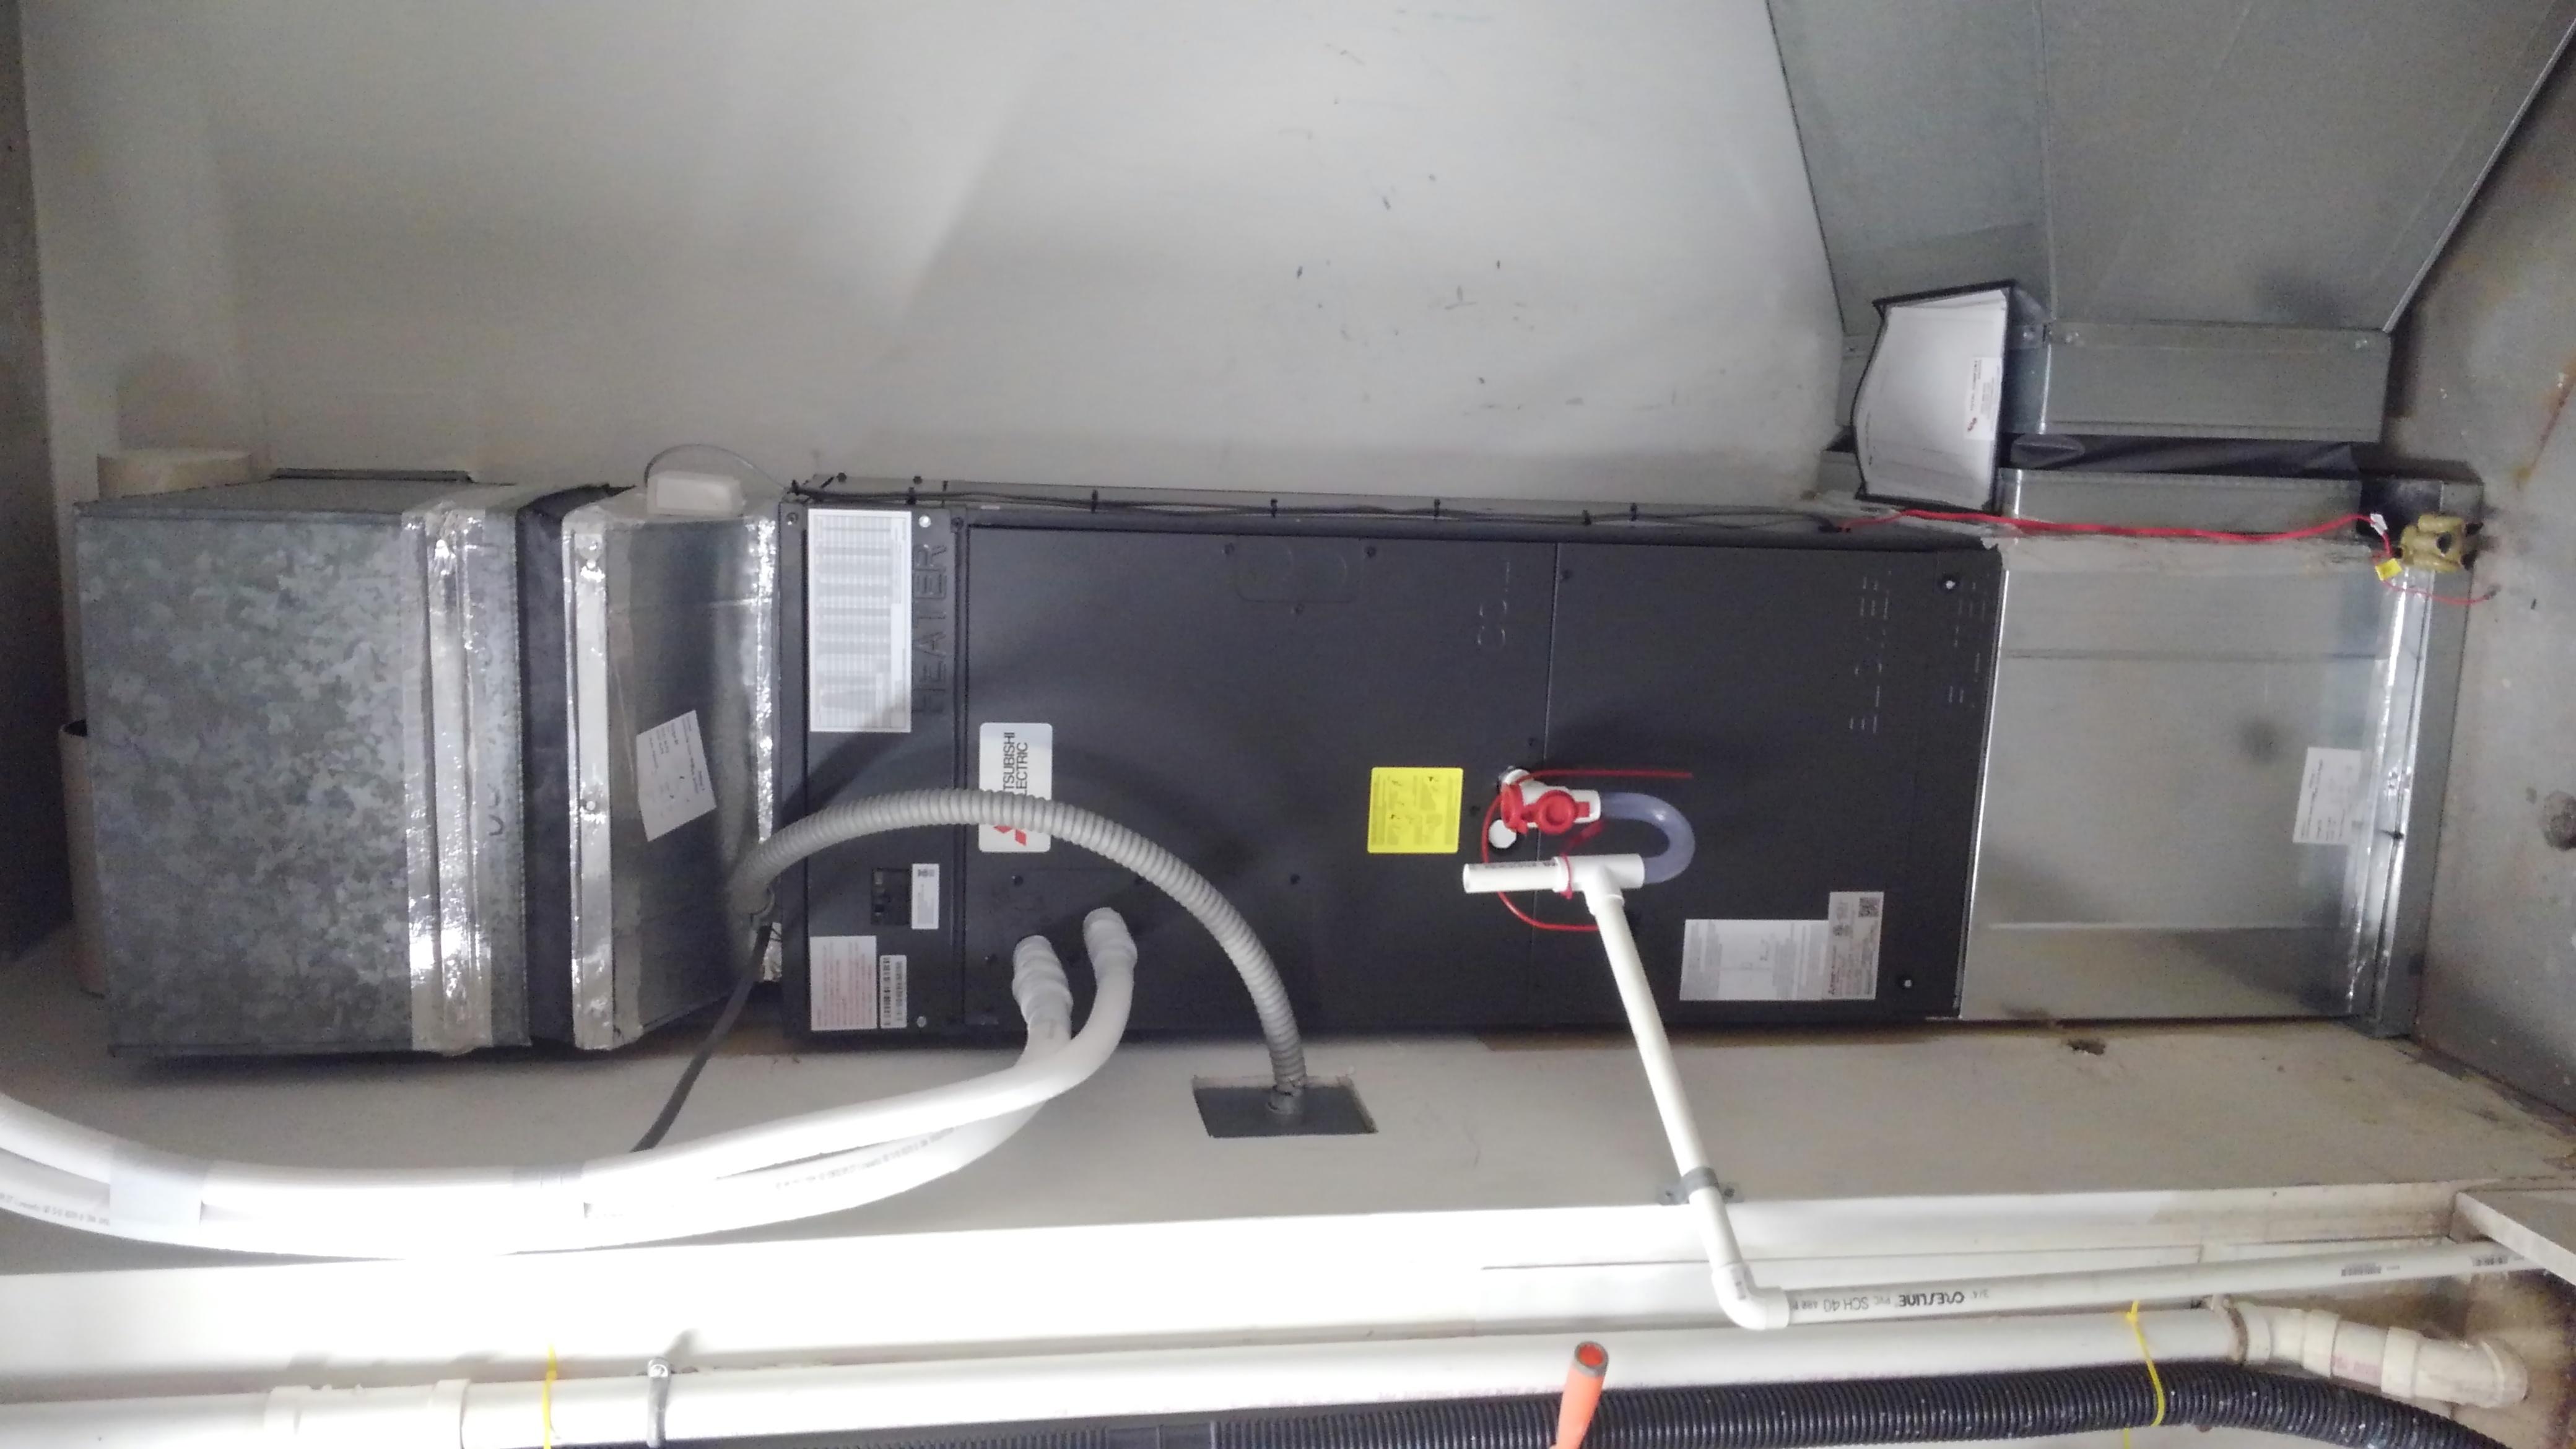 Mitsubishi ducted heat pump